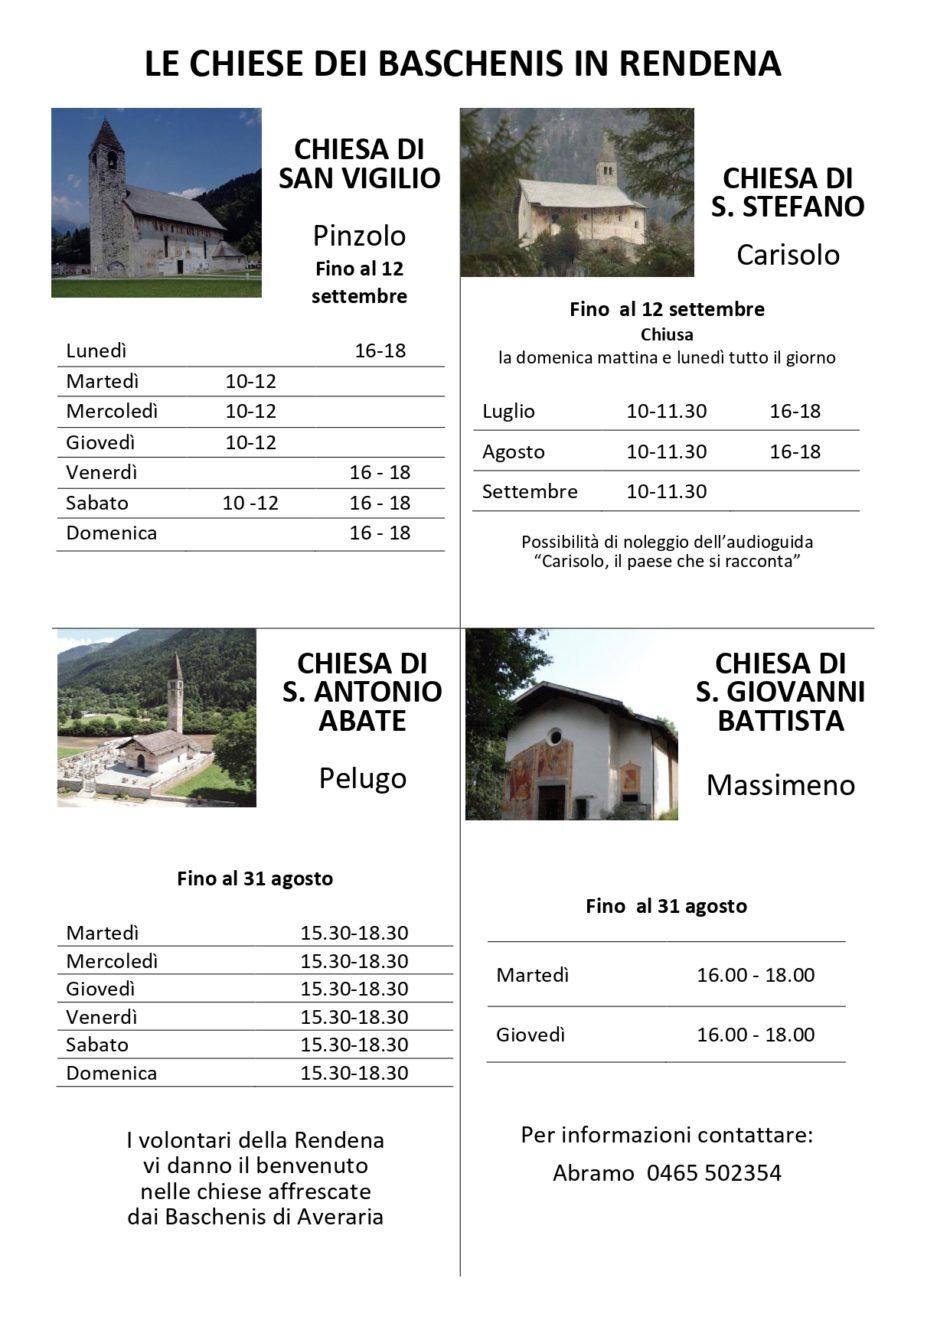 Orari di apertura delle chiese dei Baschenis in Rendena